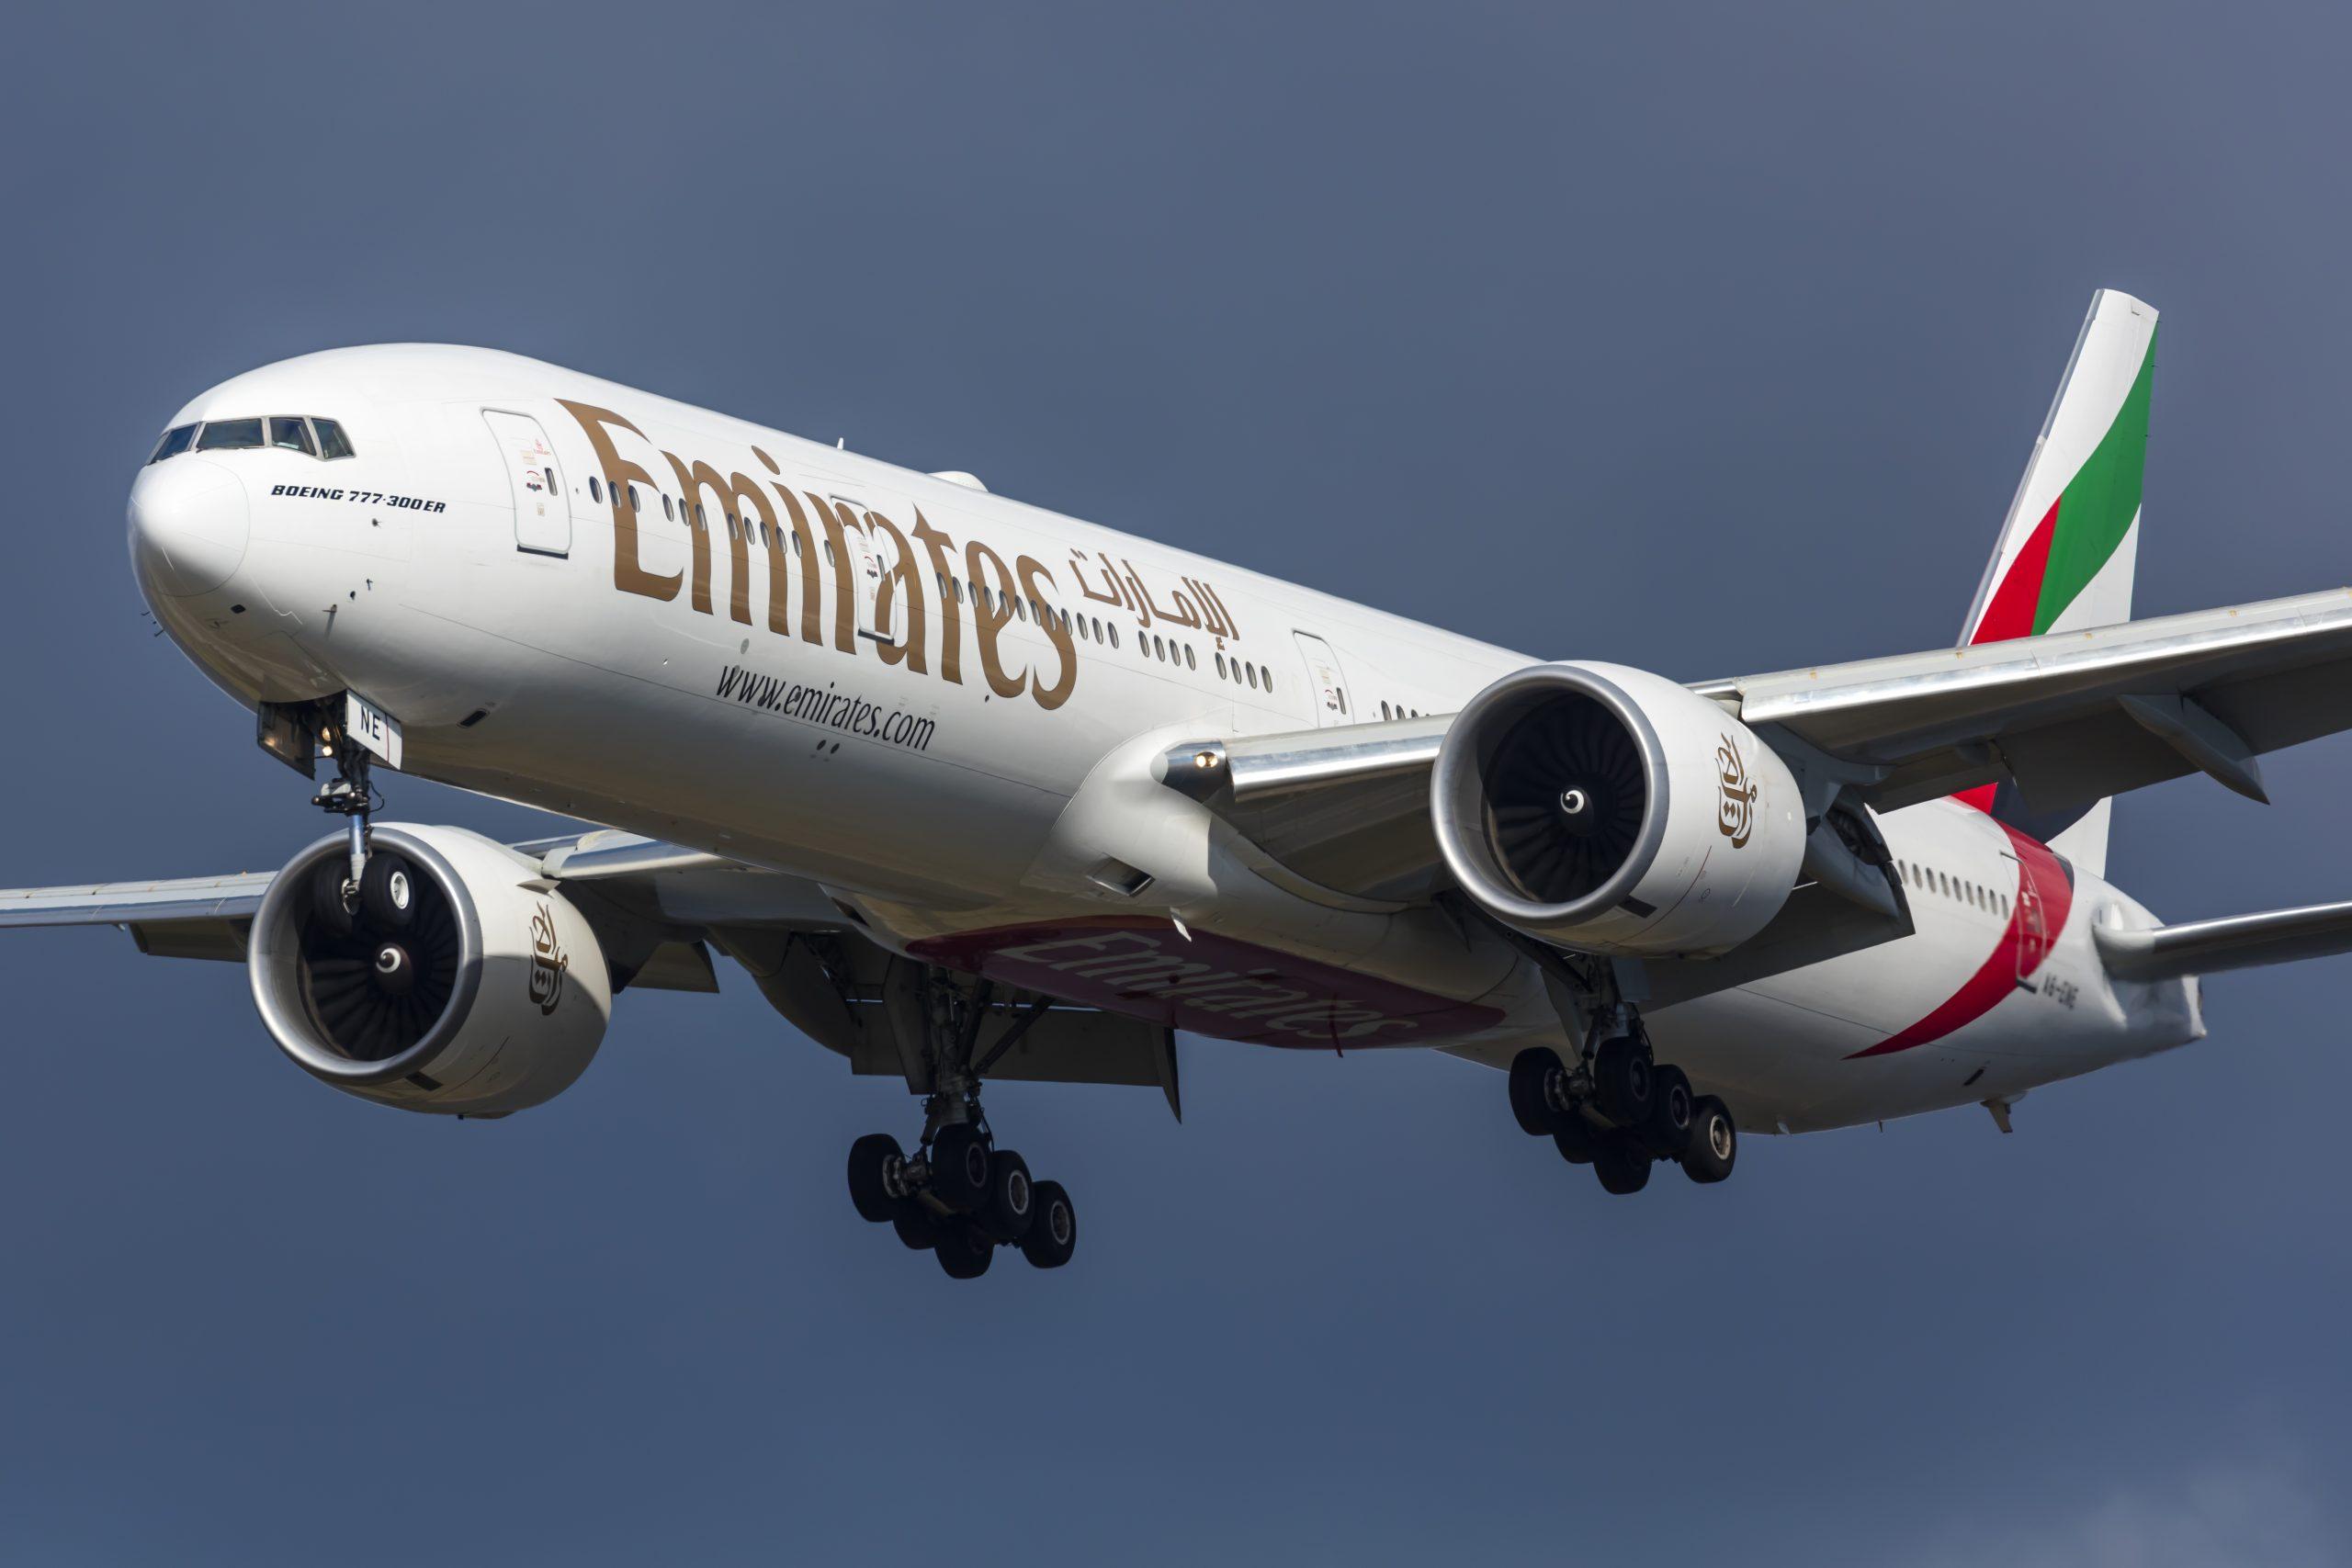 Boeing 777-300 fra Emirates under landing i Københavns Lufthavn. (Foto: © Thorbjørn Brunander Sund | Danish Aviation Photo)